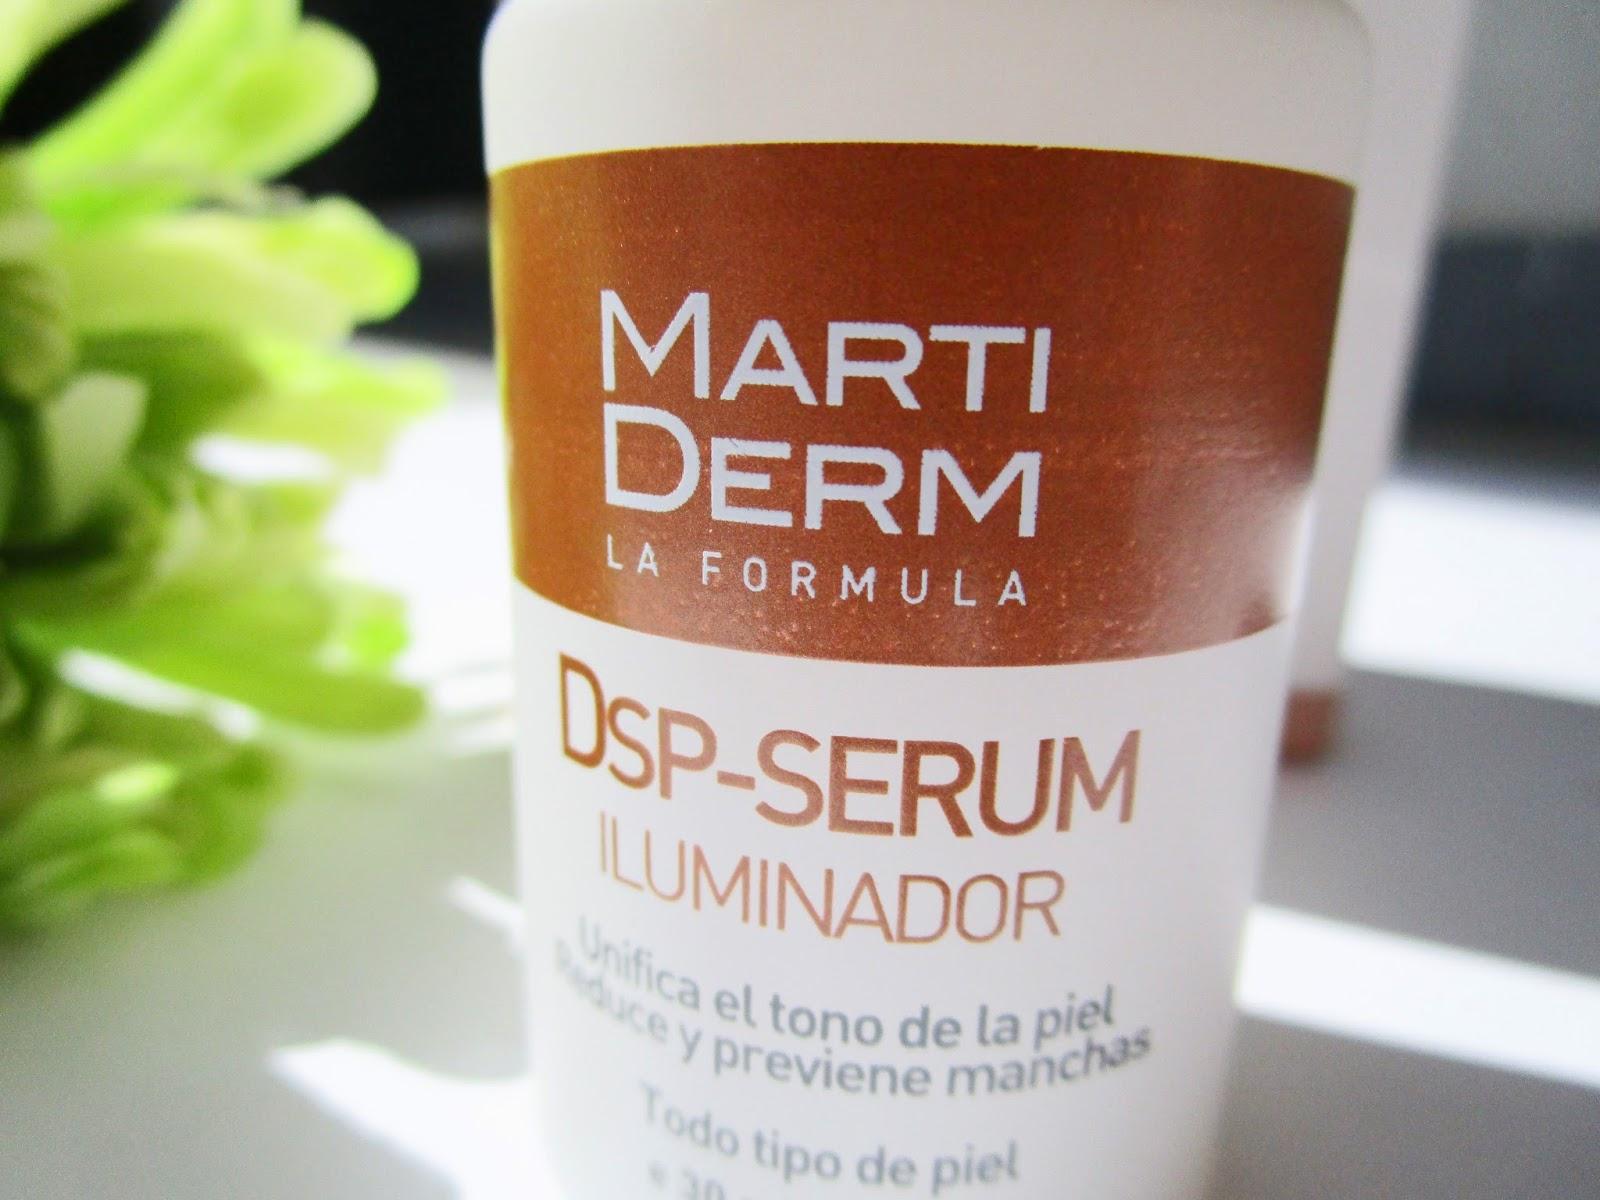 DSP-Serum Iluminador de MARTIDERM